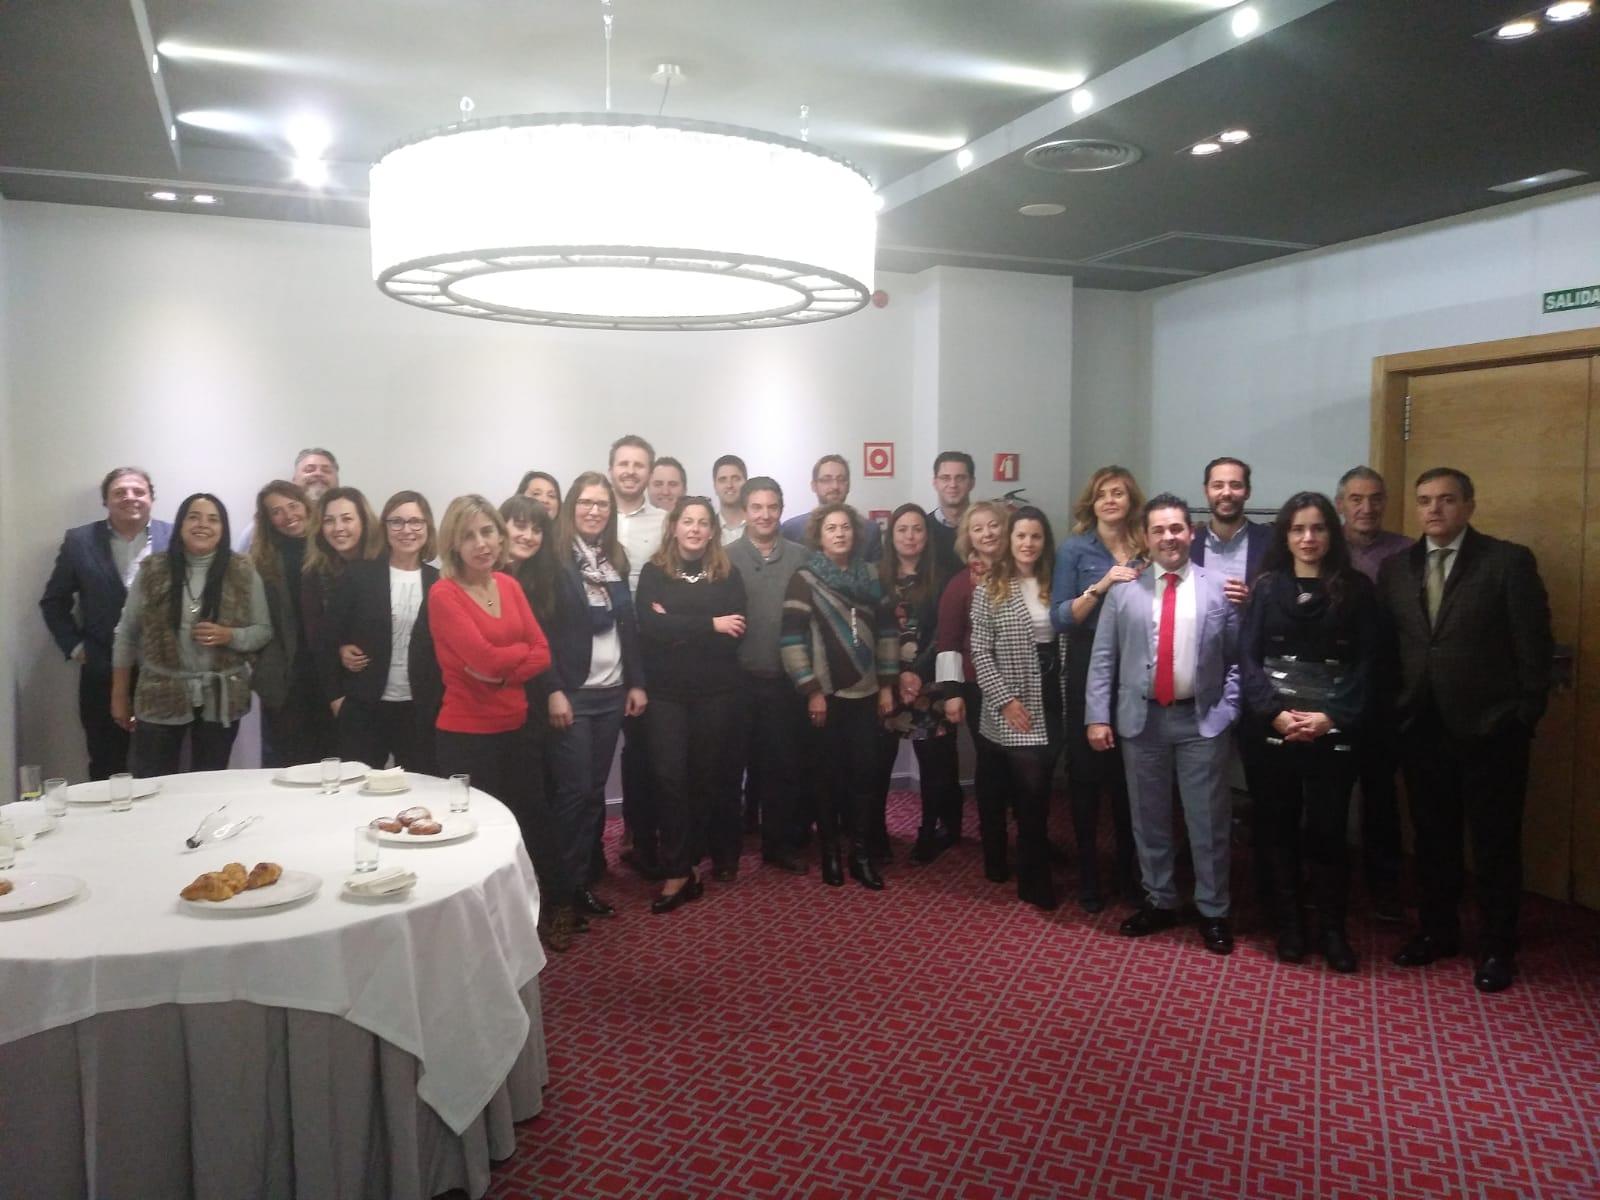 Sesión de GLAAM Consulting. Santander. 18 de Enero.